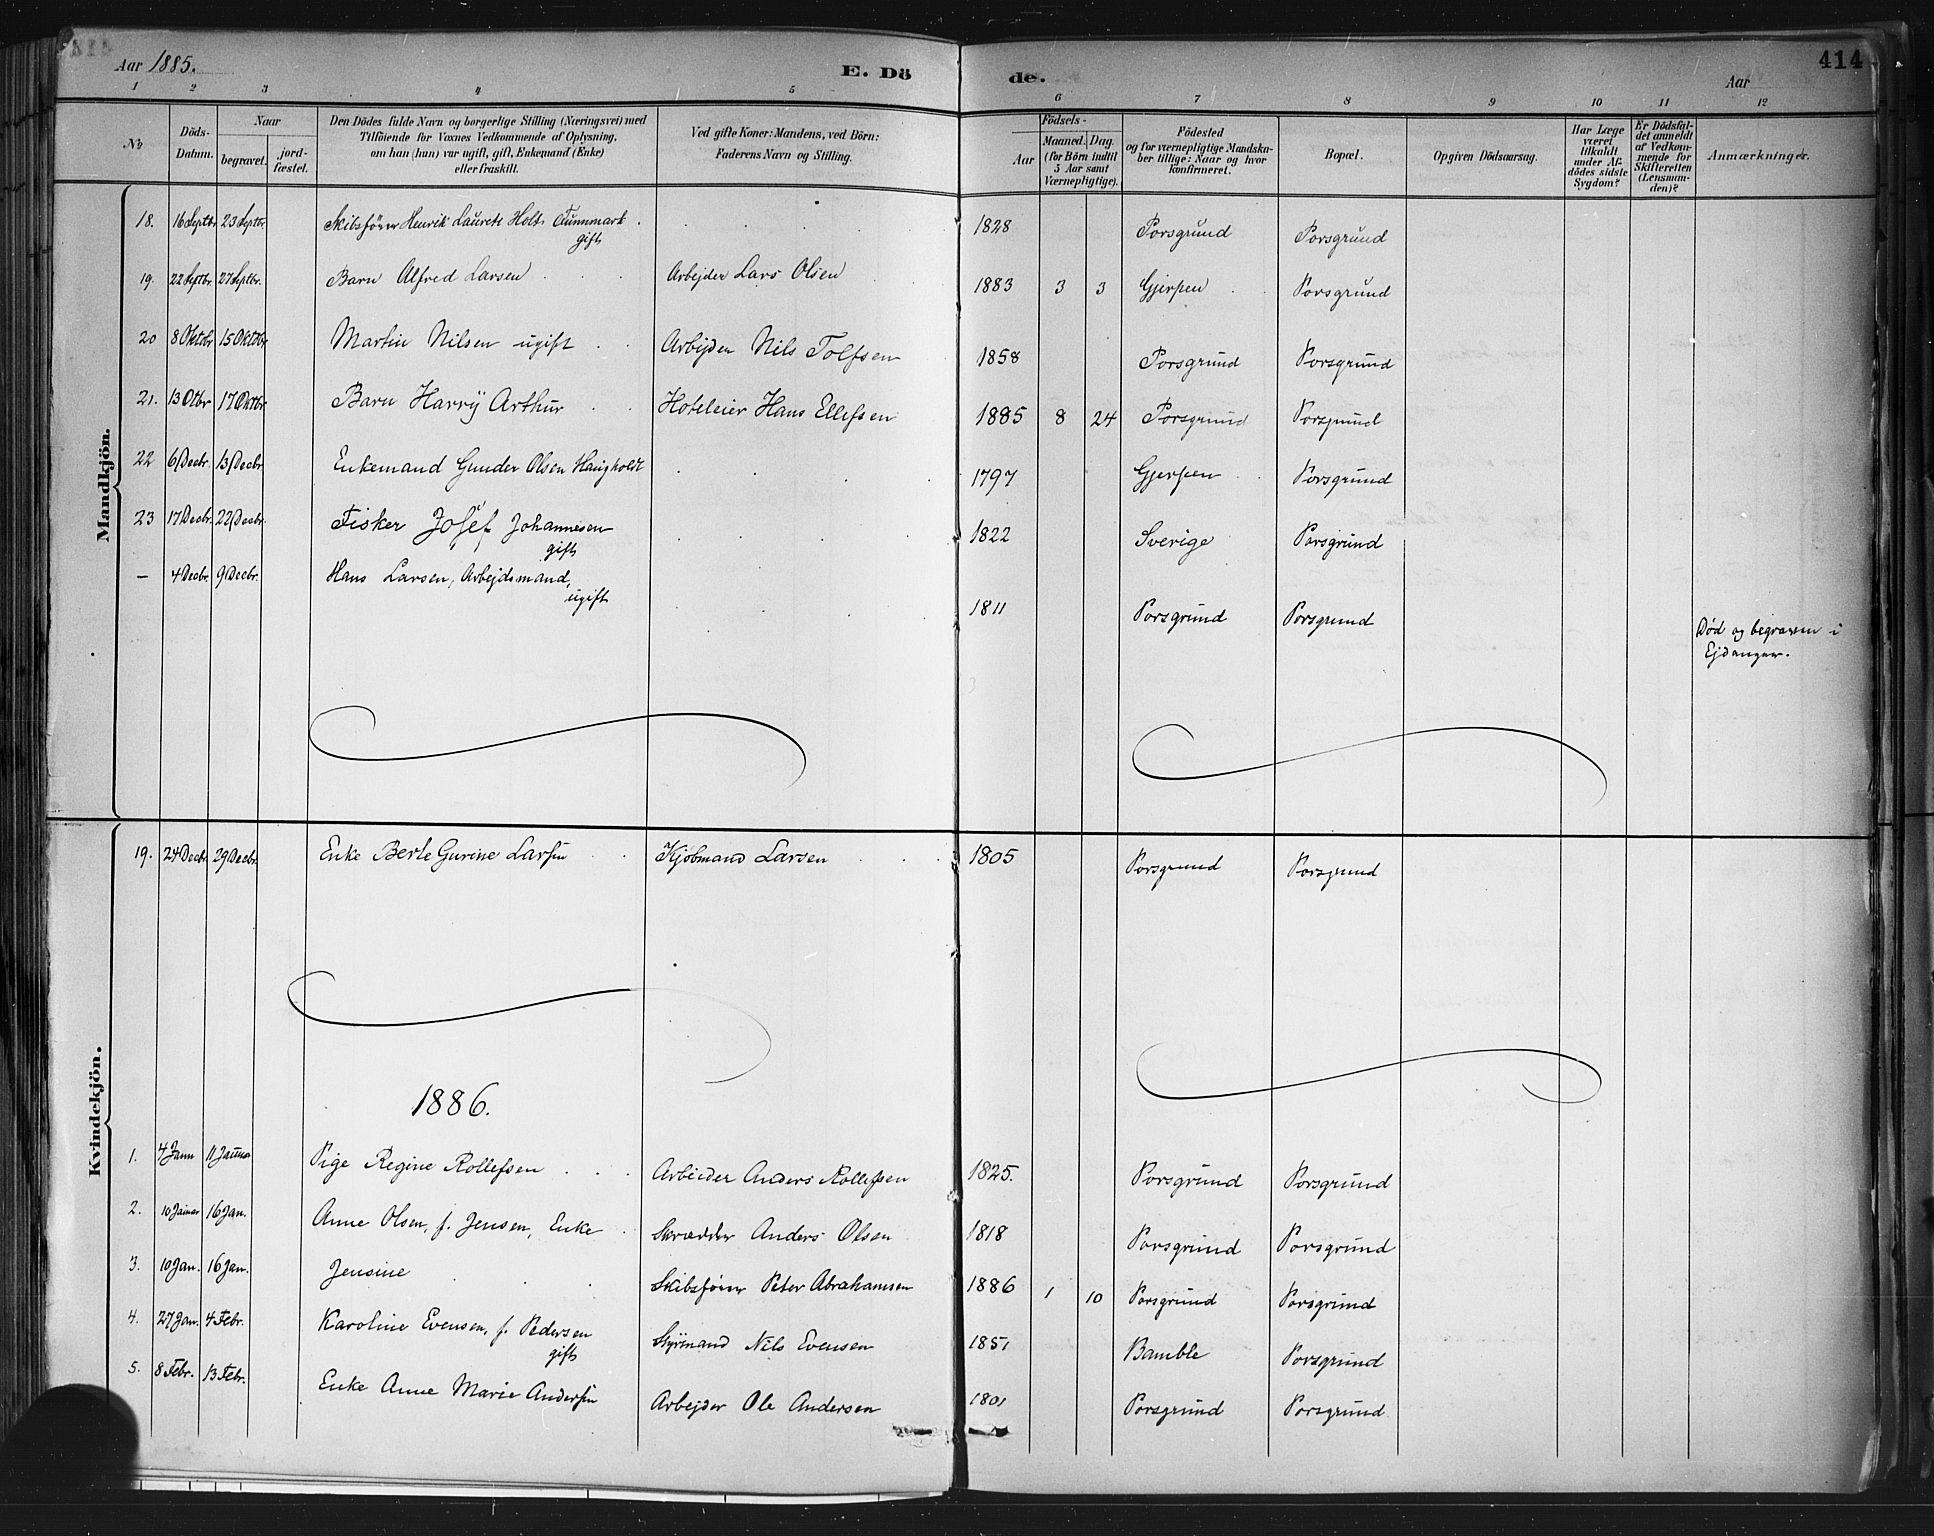 SAKO, Porsgrunn kirkebøker , G/Gb/L0005: Klokkerbok nr. II 5, 1883-1915, s. 414